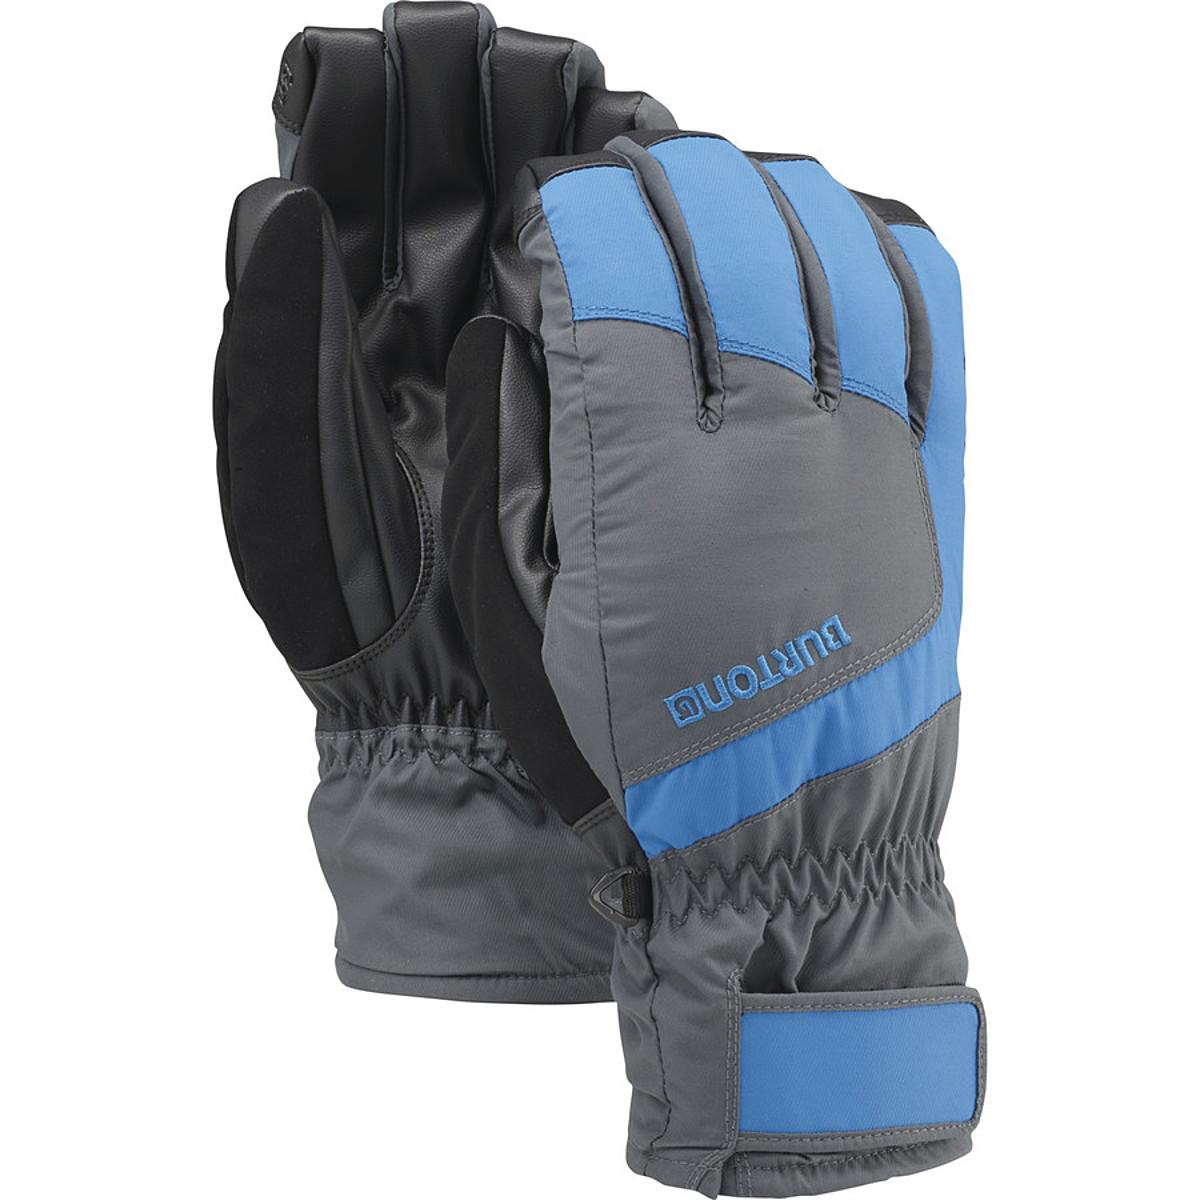 photo: Burton Men's Profile Under Glove insulated glove/mitten